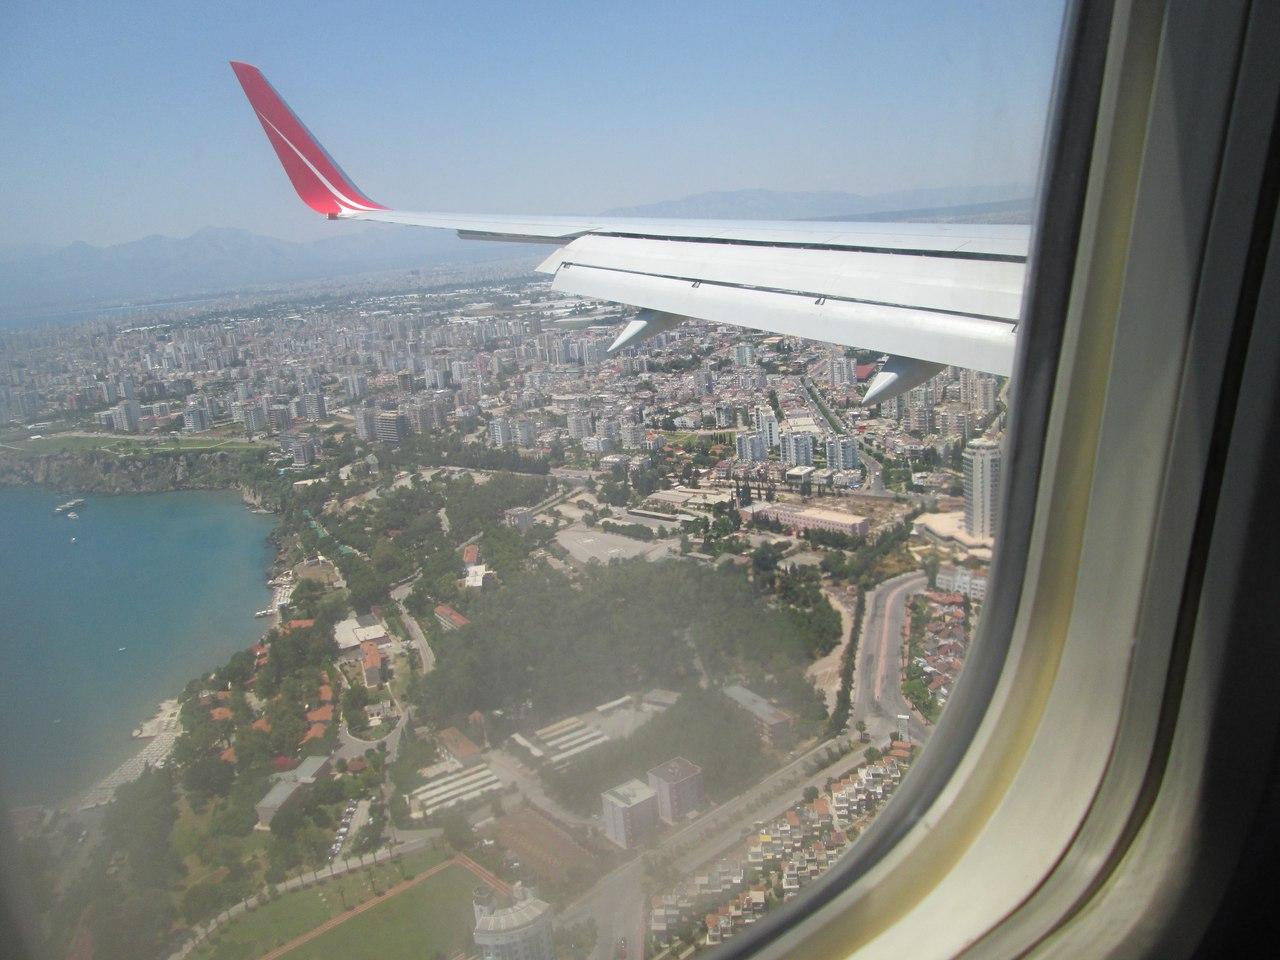 Под крылом самолета турецкий город Анталия